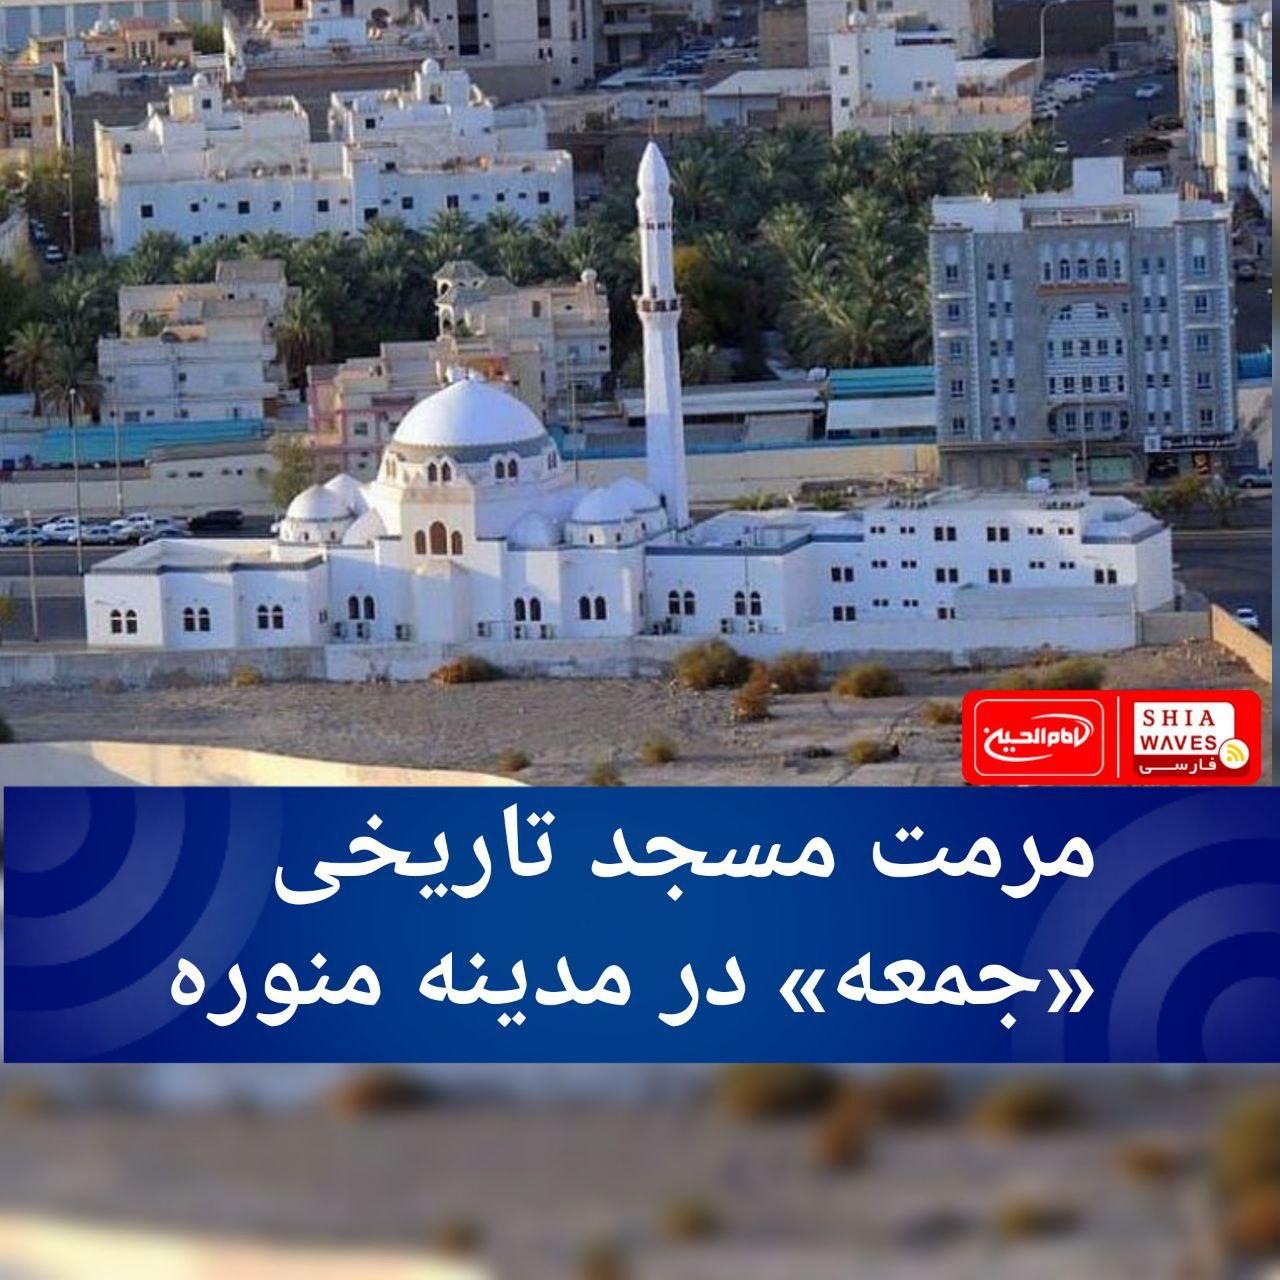 تصویر مرمت مسجد تاریخی «جمعه» در مدینه منوره